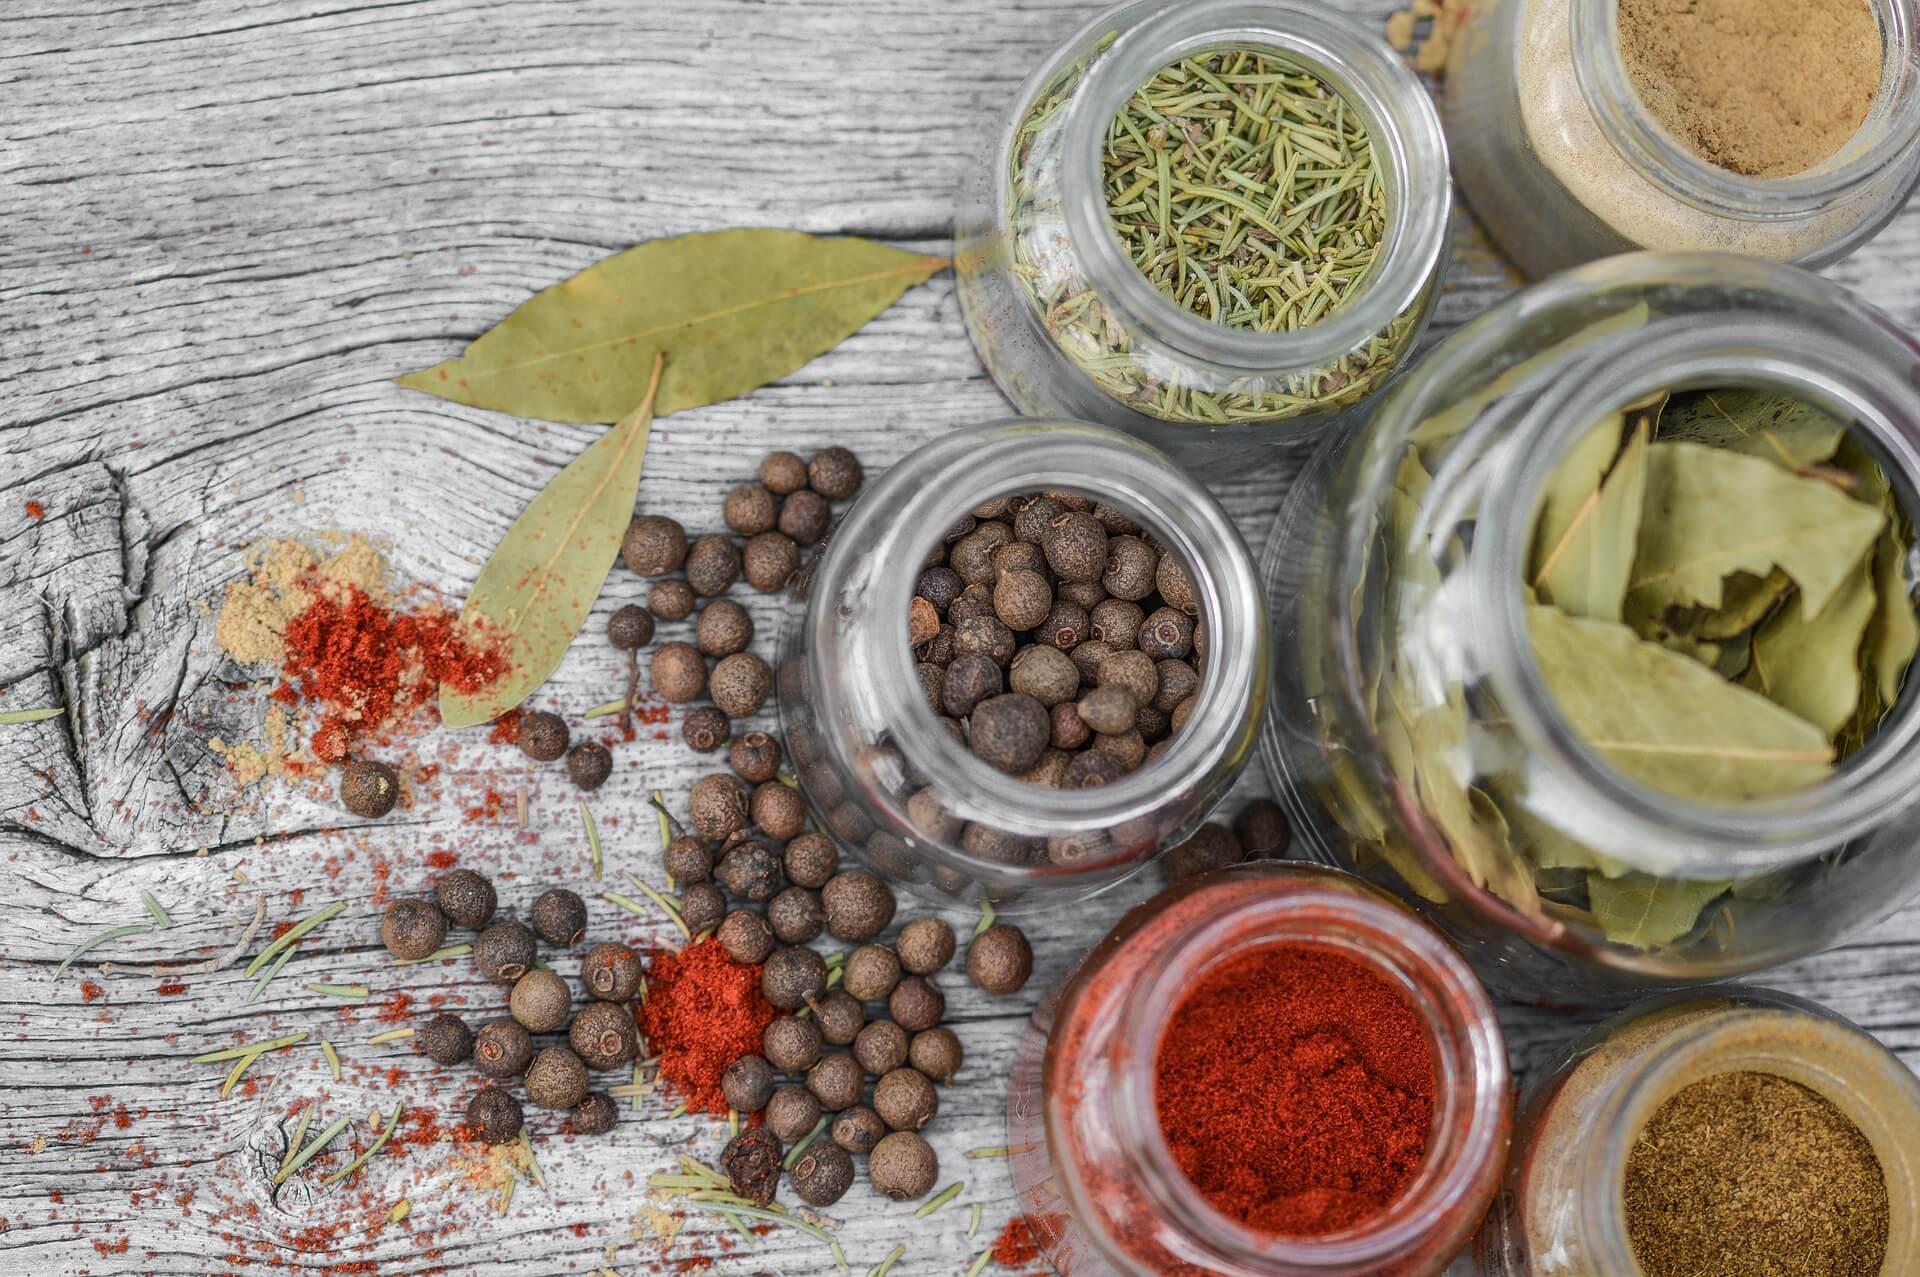 ハーブとスパイスの違いは何?歴史と代表的料理も紹介!